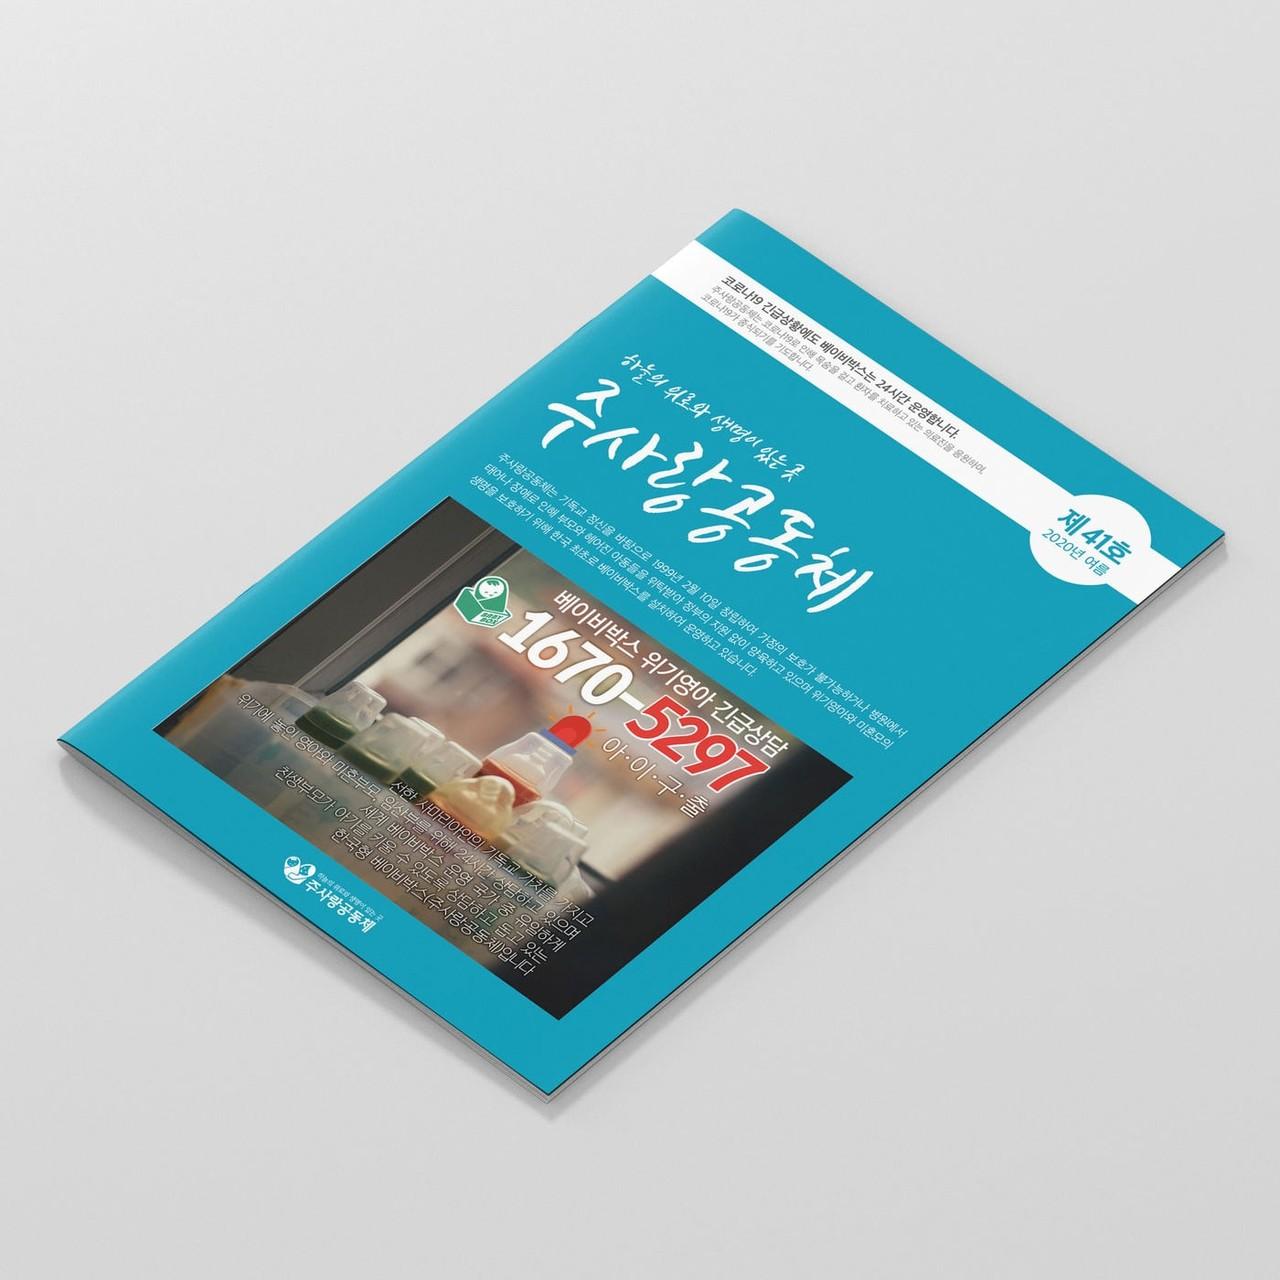 주사랑공동체 소식 정기간행물 디자인 시안 - 주사랑 공동체